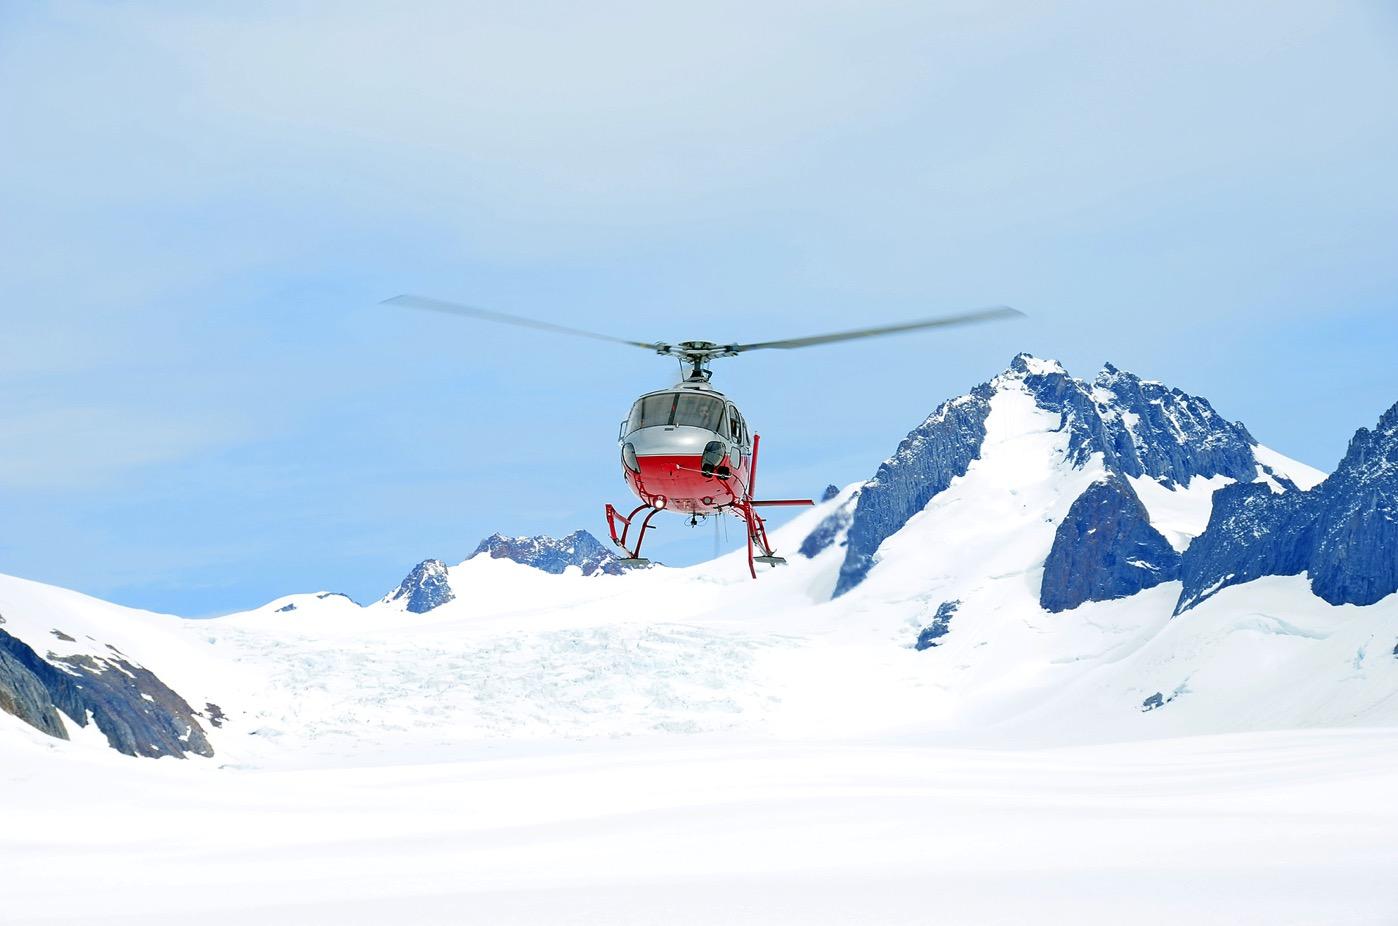 ユーロコプター エキュレイユAS350 B3ヘリコプター